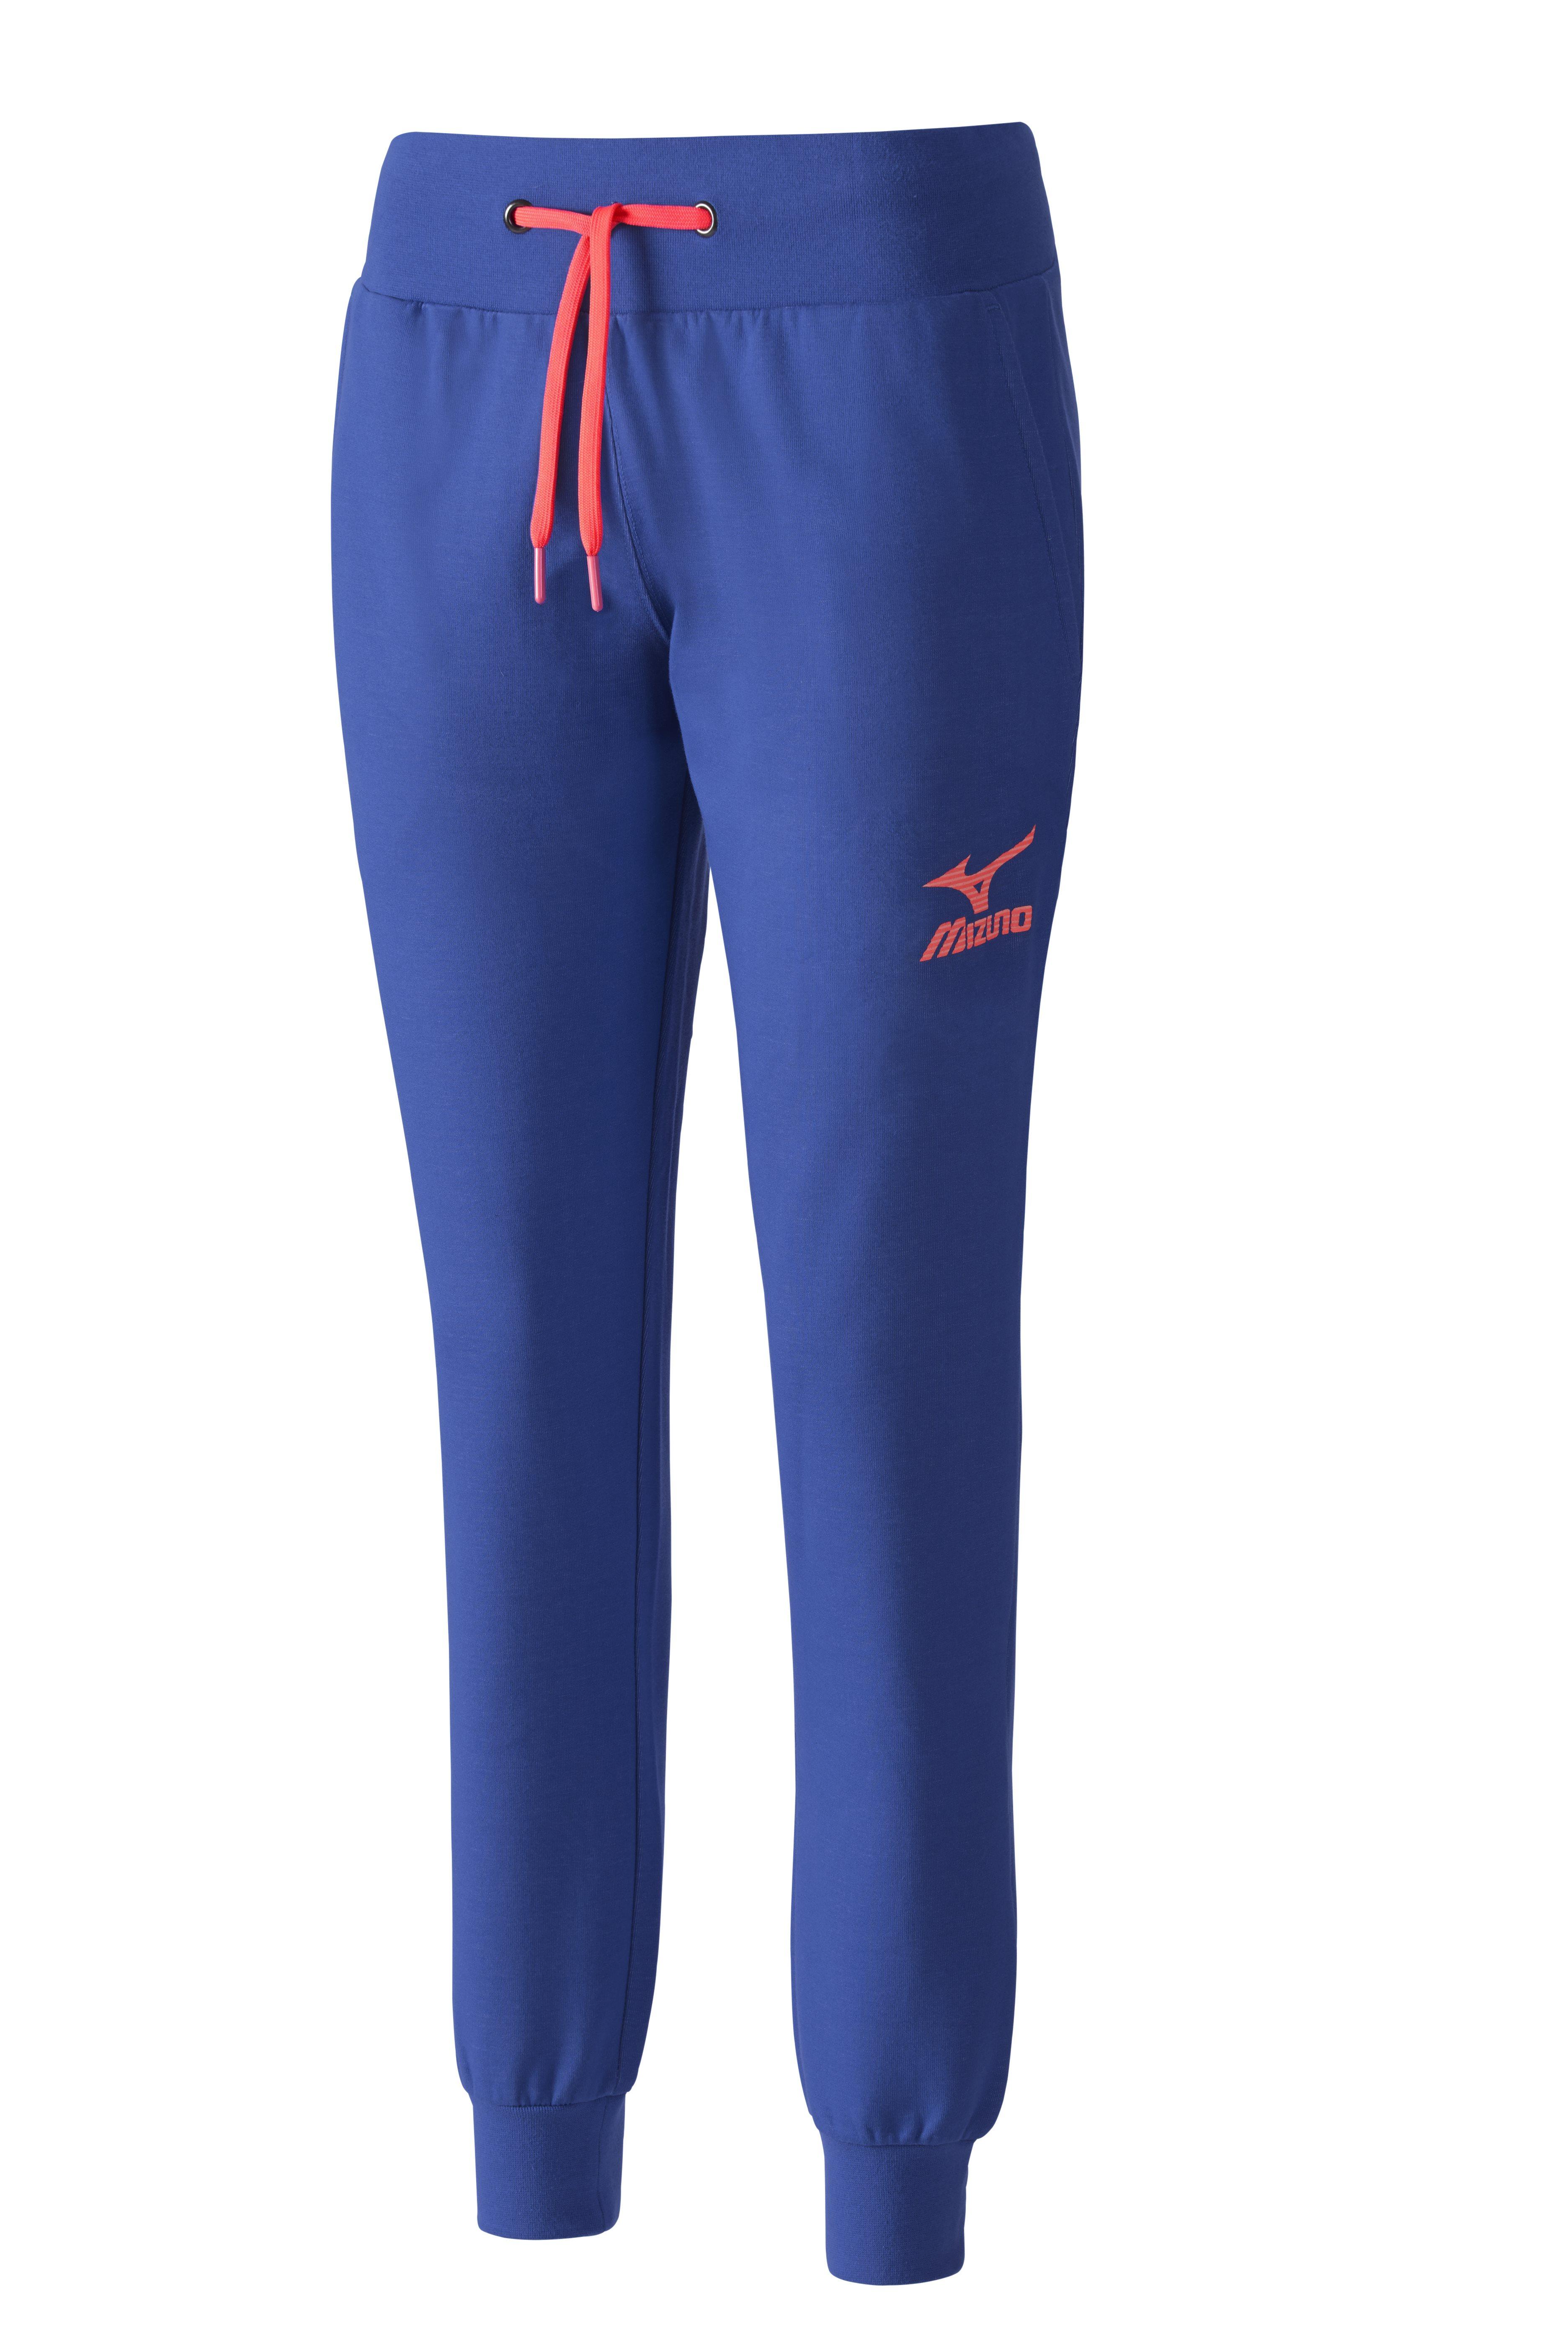 Mizuno Rib Pants K2ED682727 L